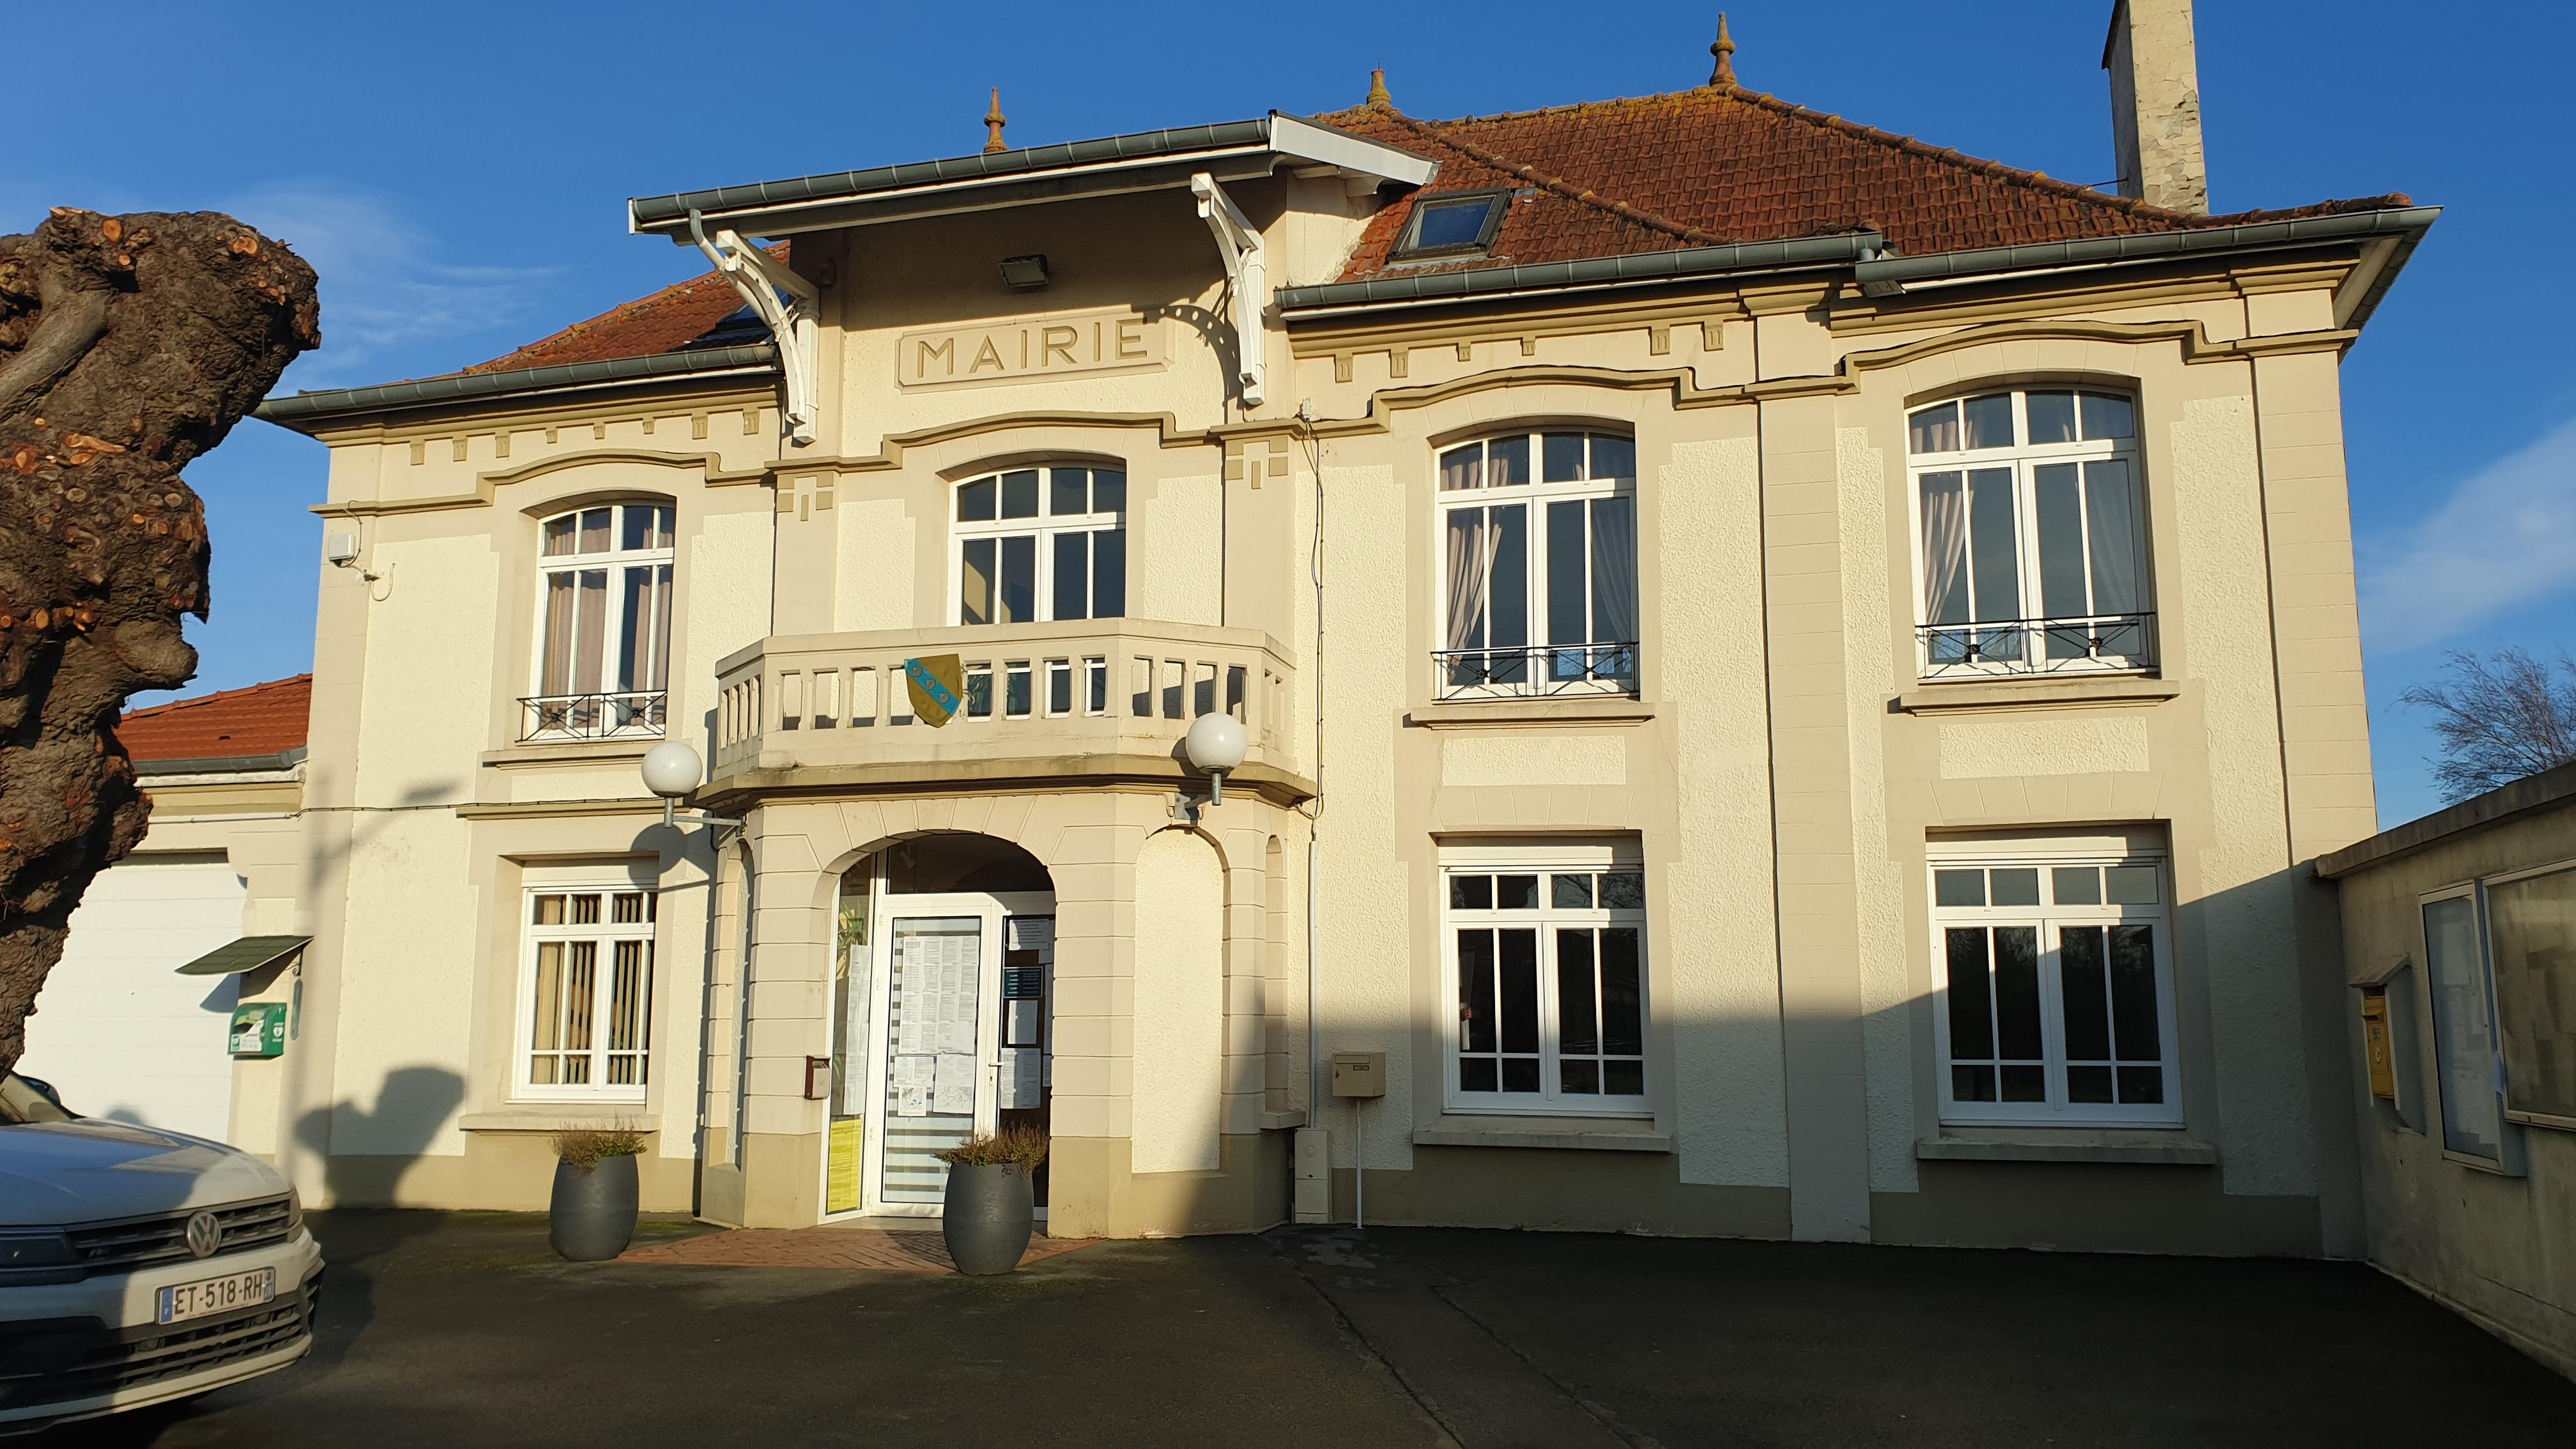 mairie wailly vue de face.jpg